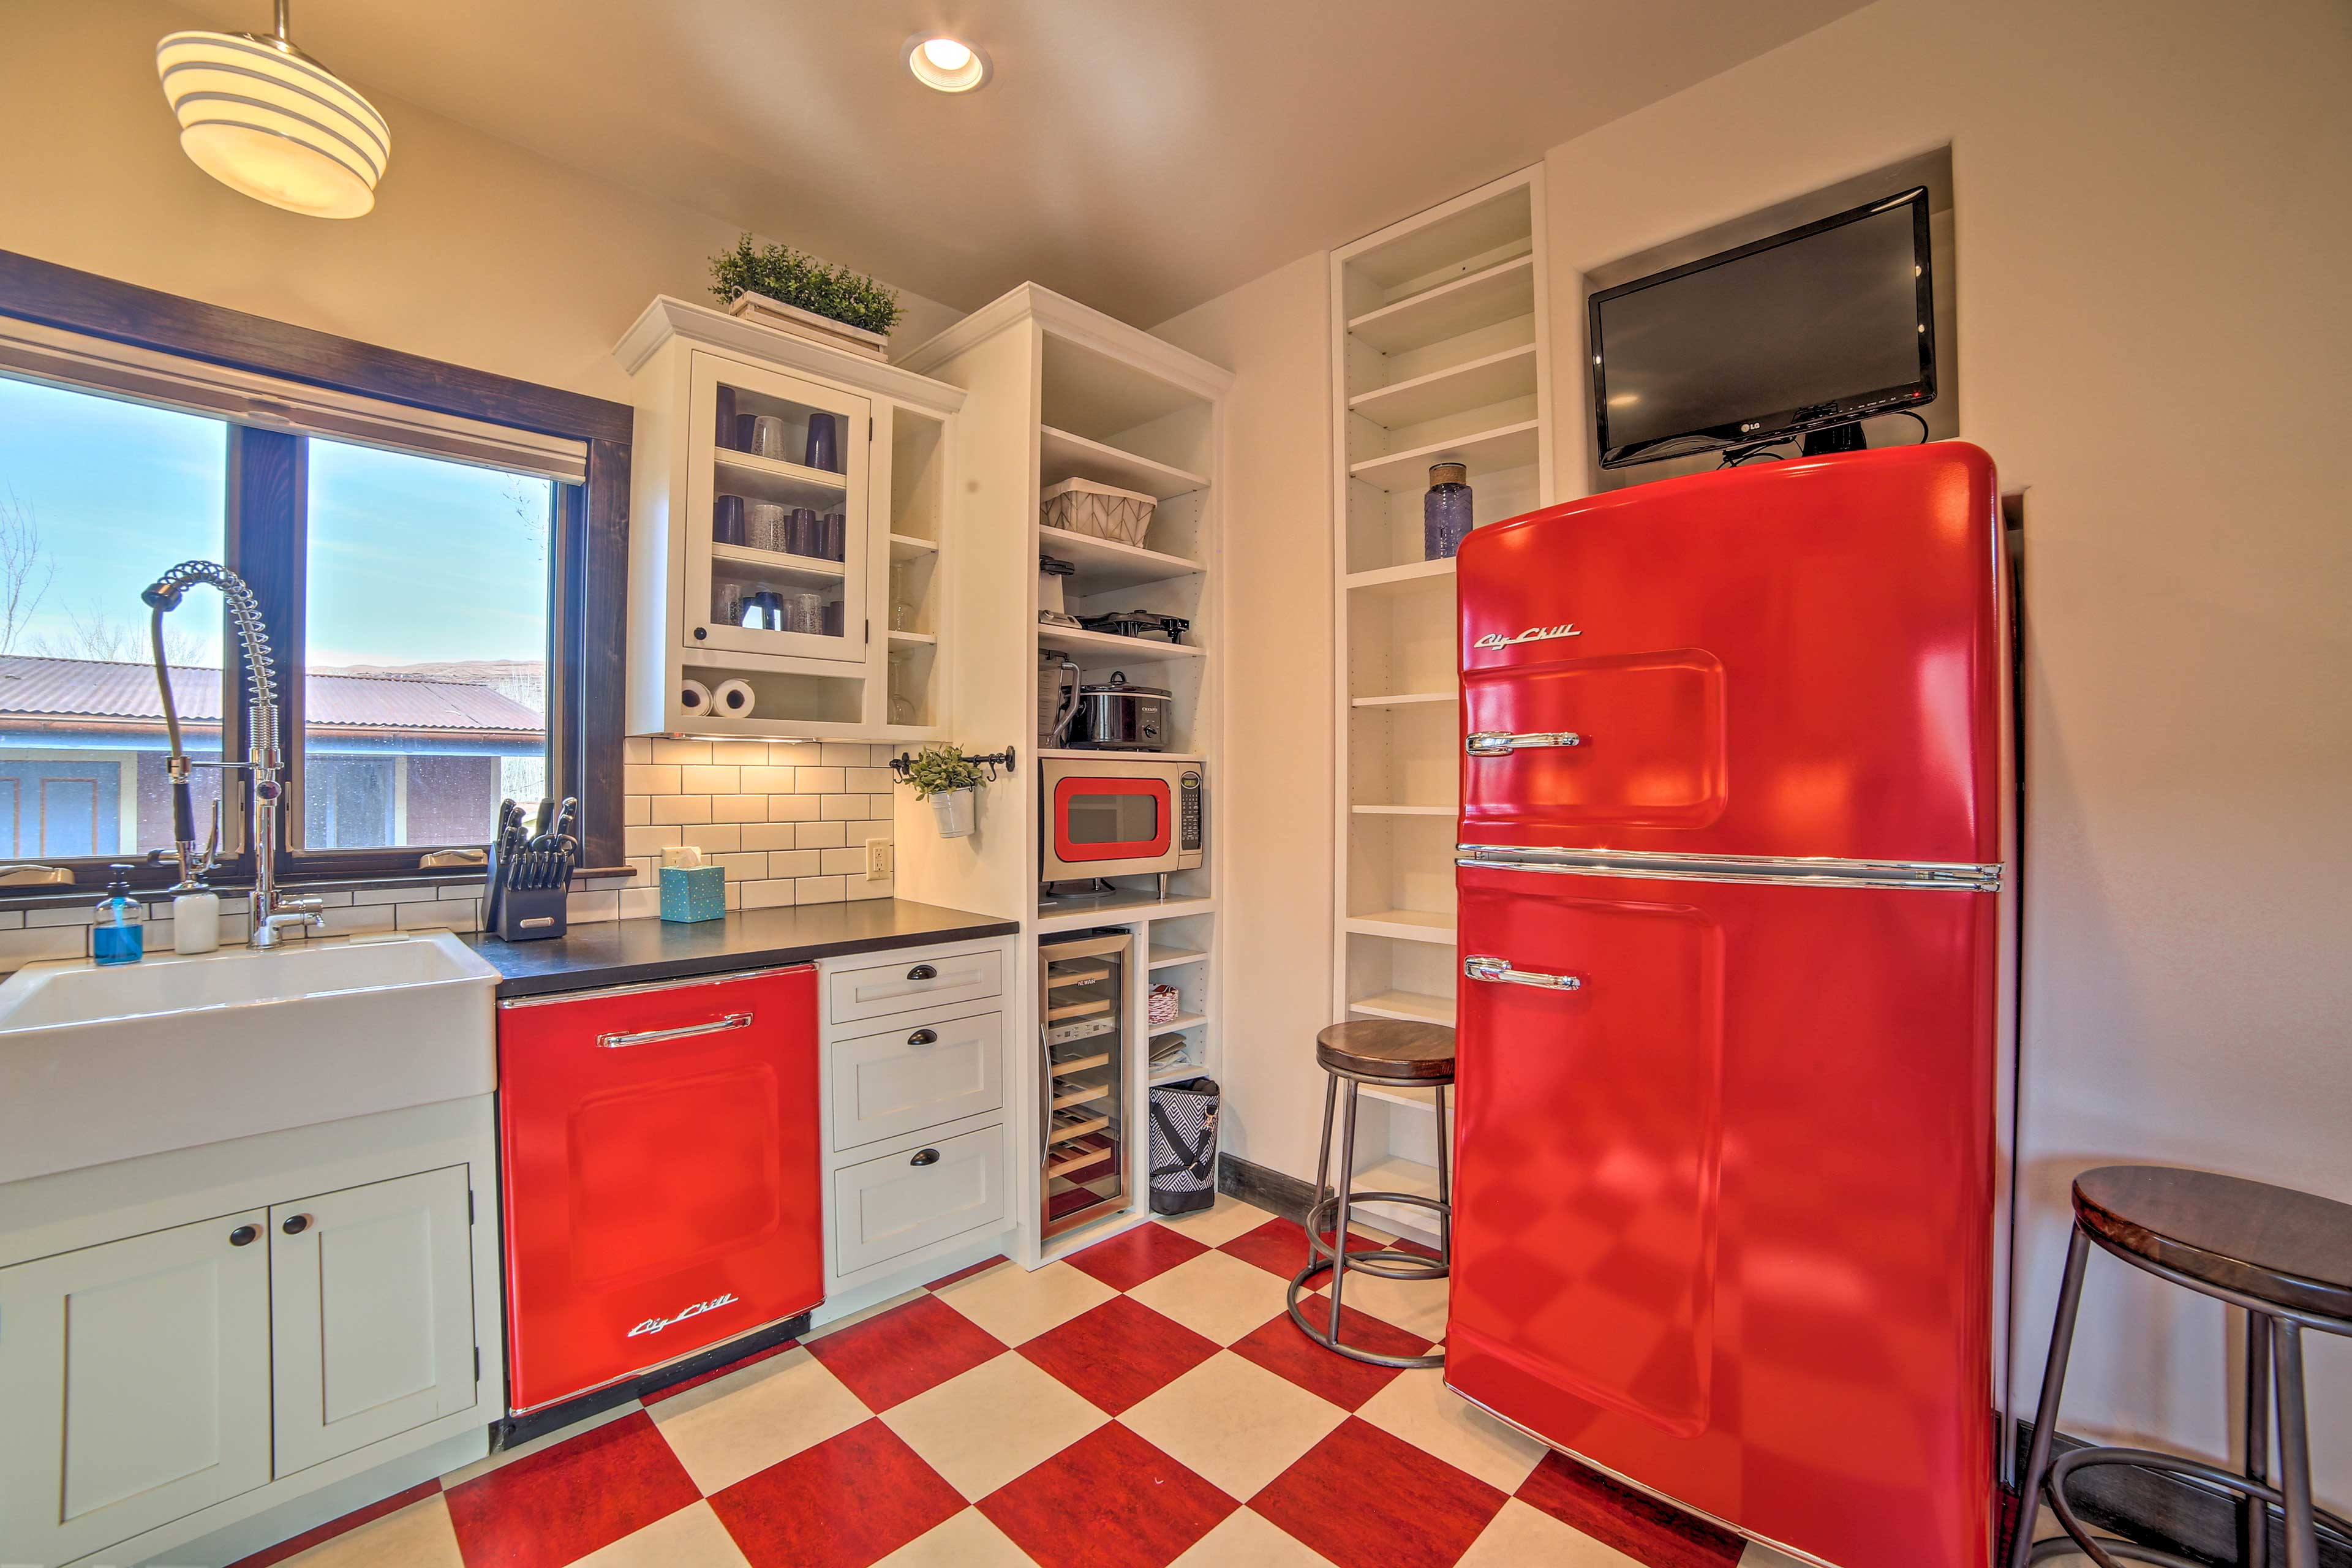 Kitchen   Retro Appliances